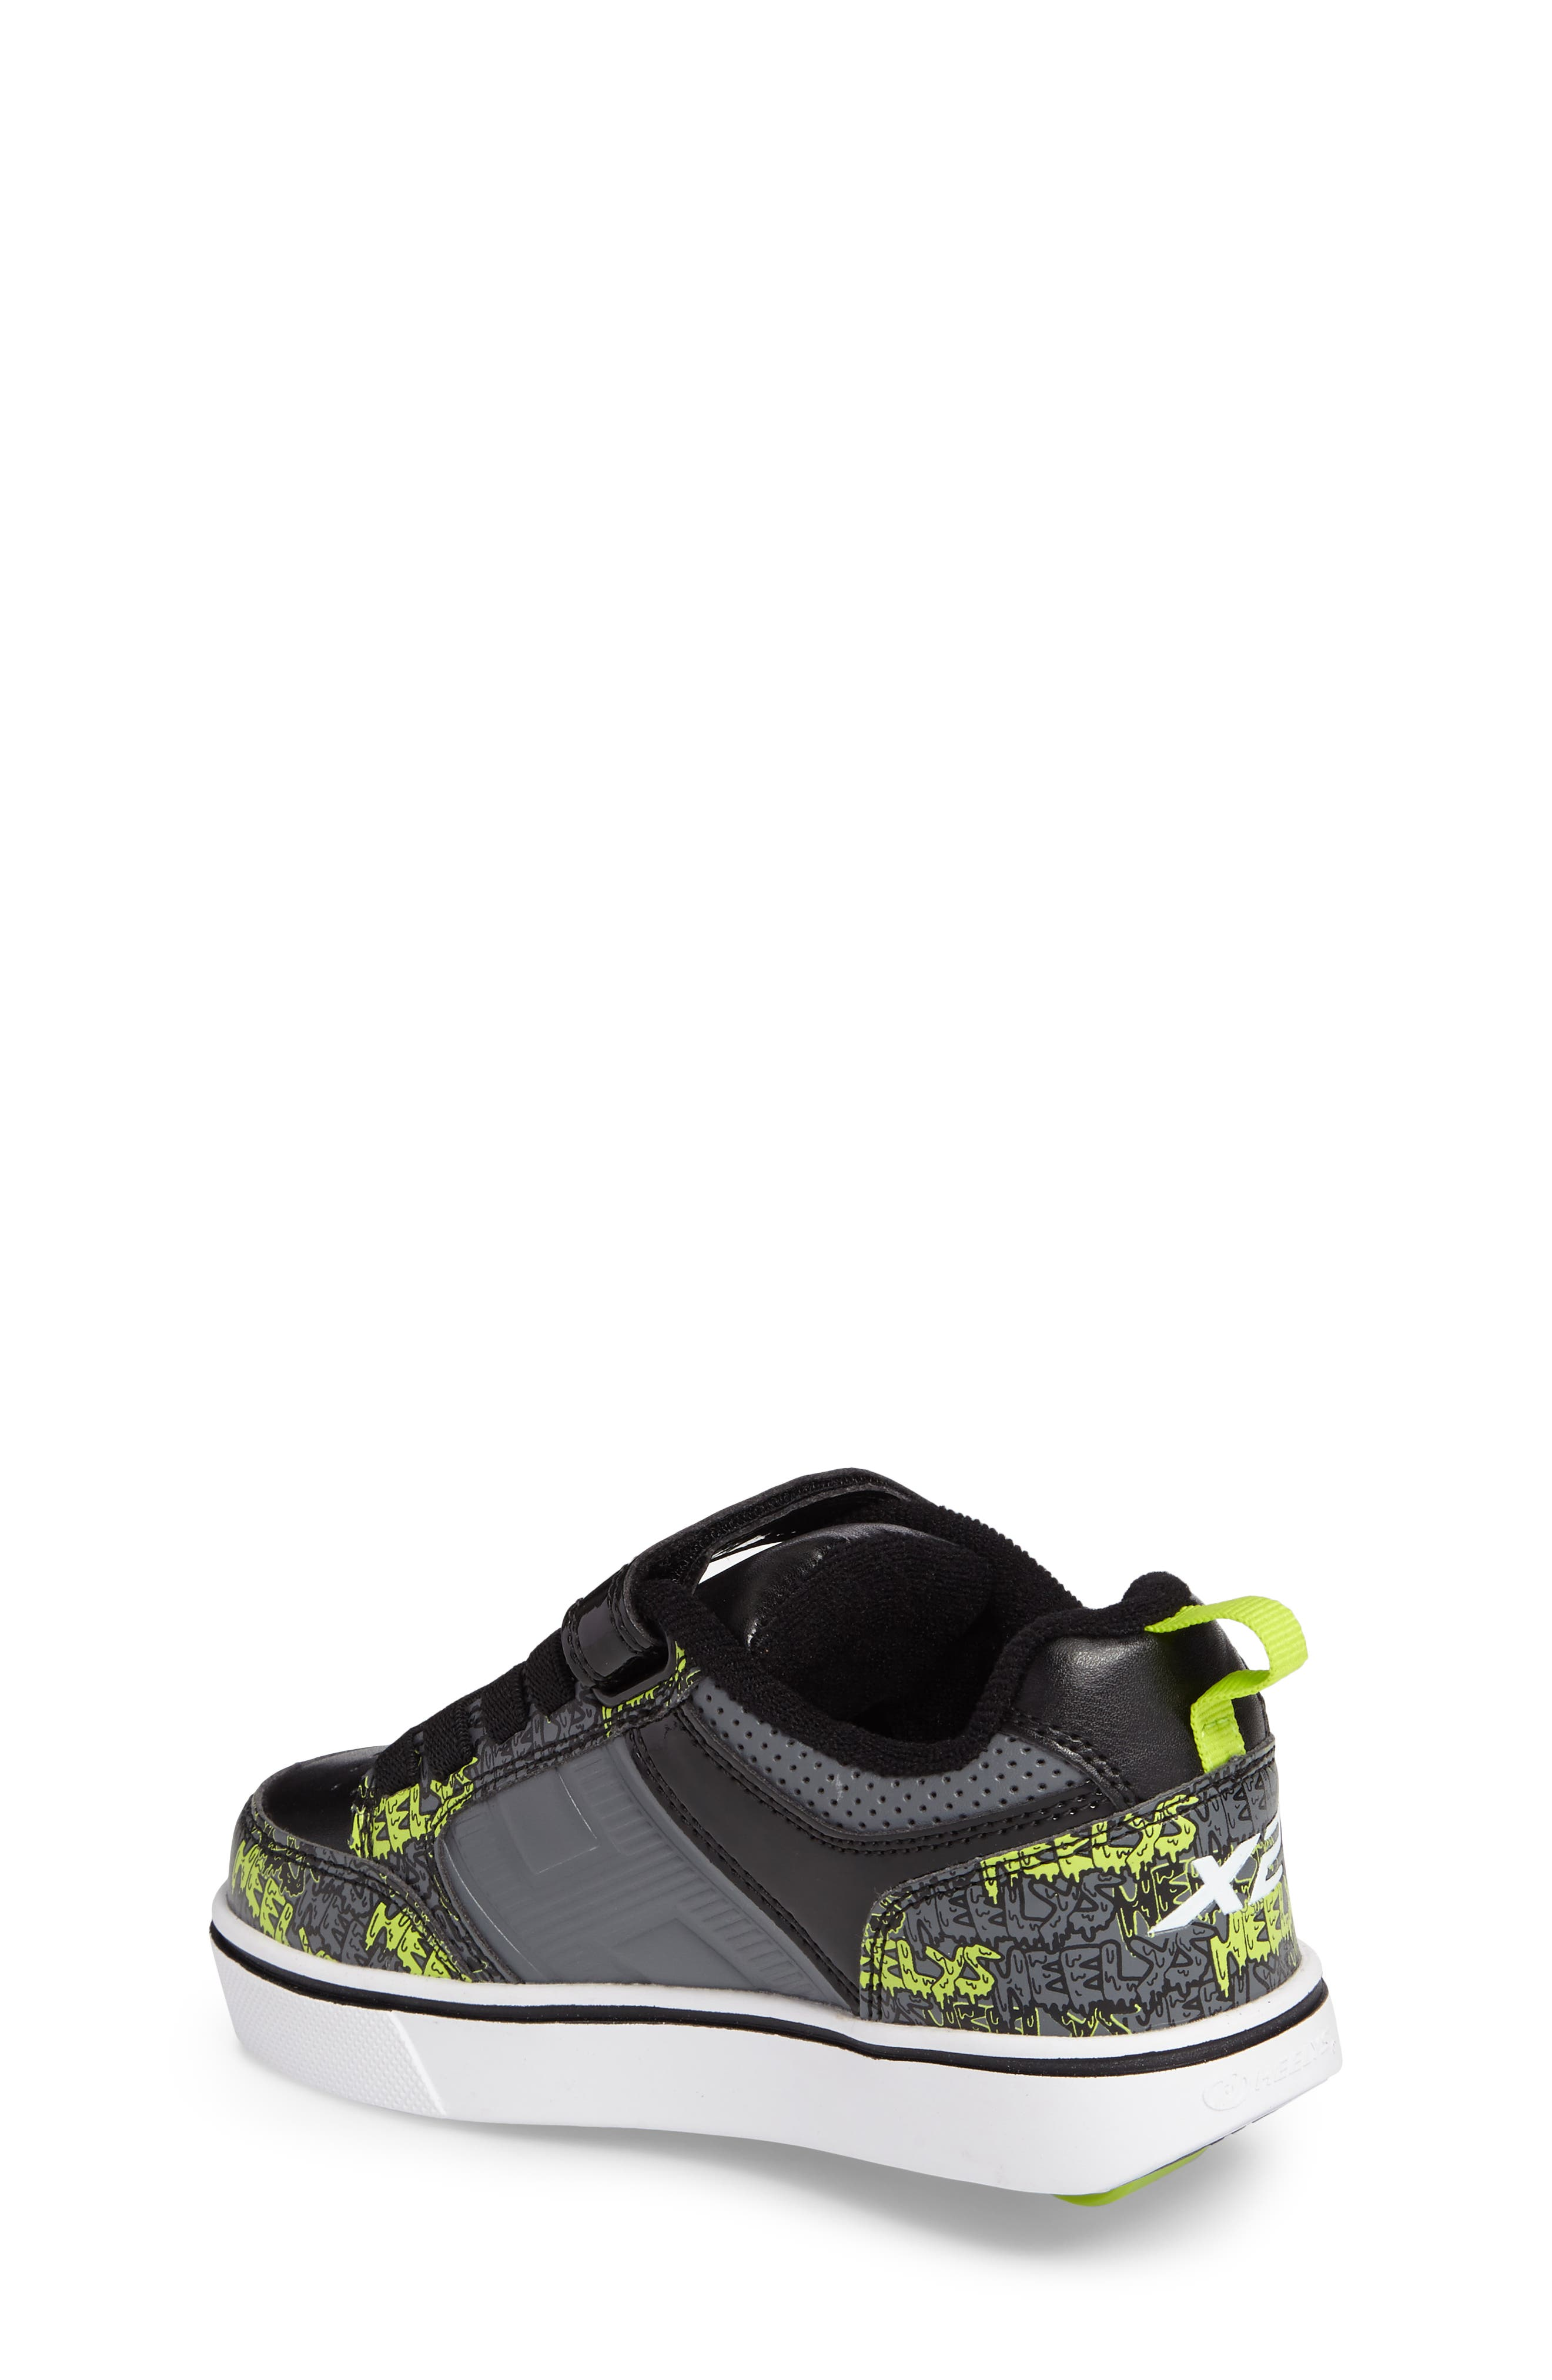 Alternate Image 2  - Heelys Bolt Light-Up Skate Shoe (Toddler & Little Kid)